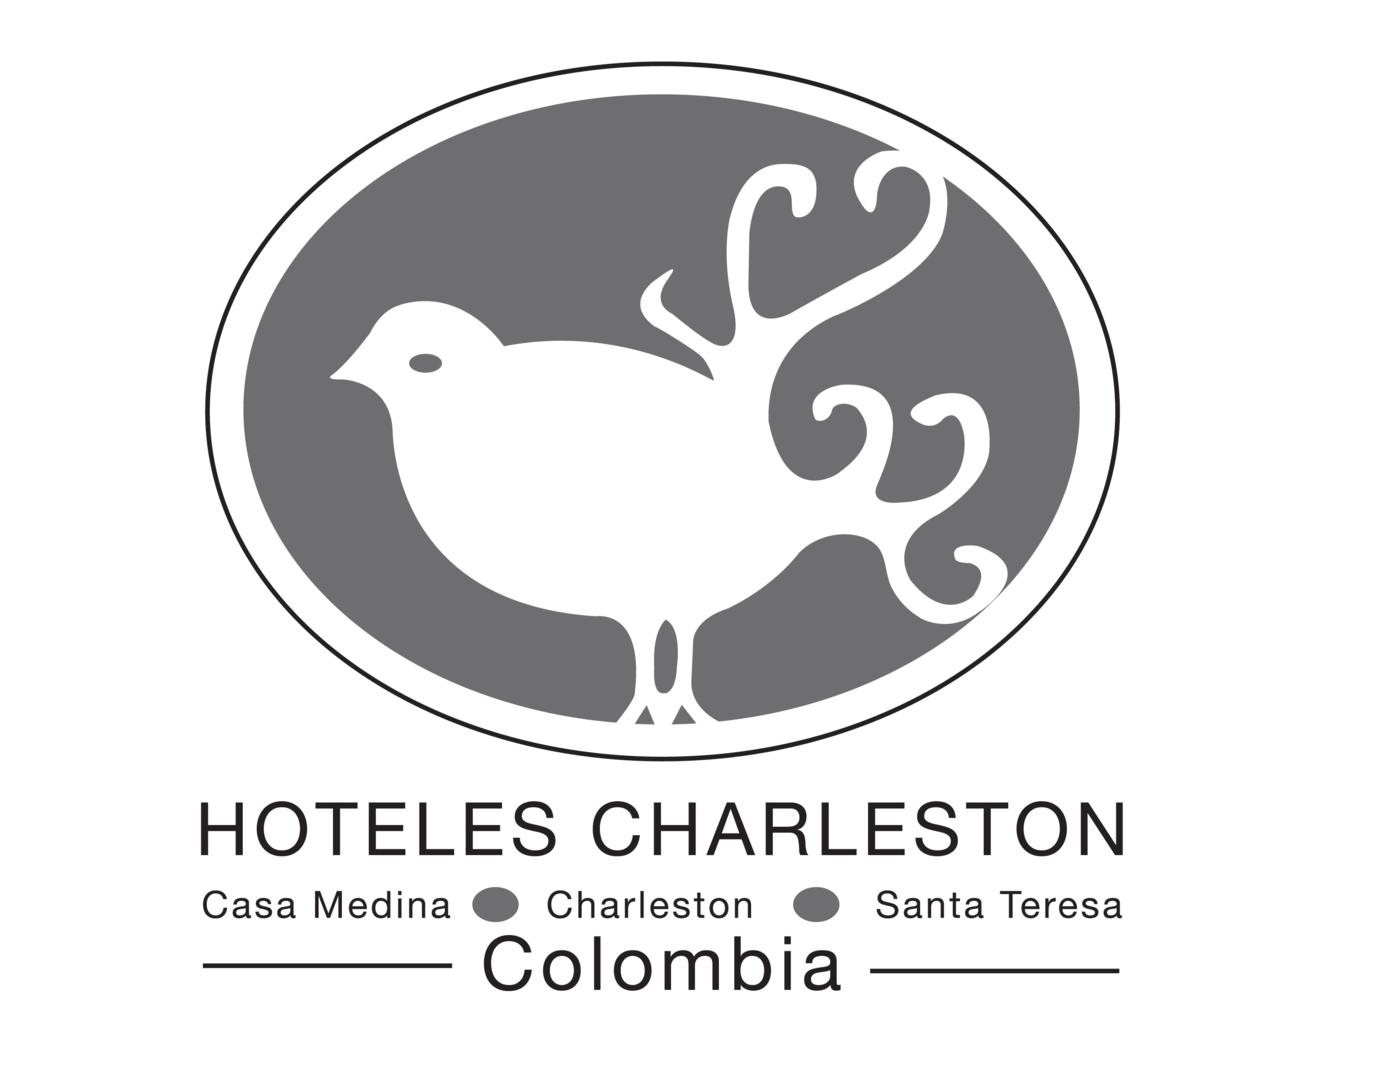 Hoteles Charleston